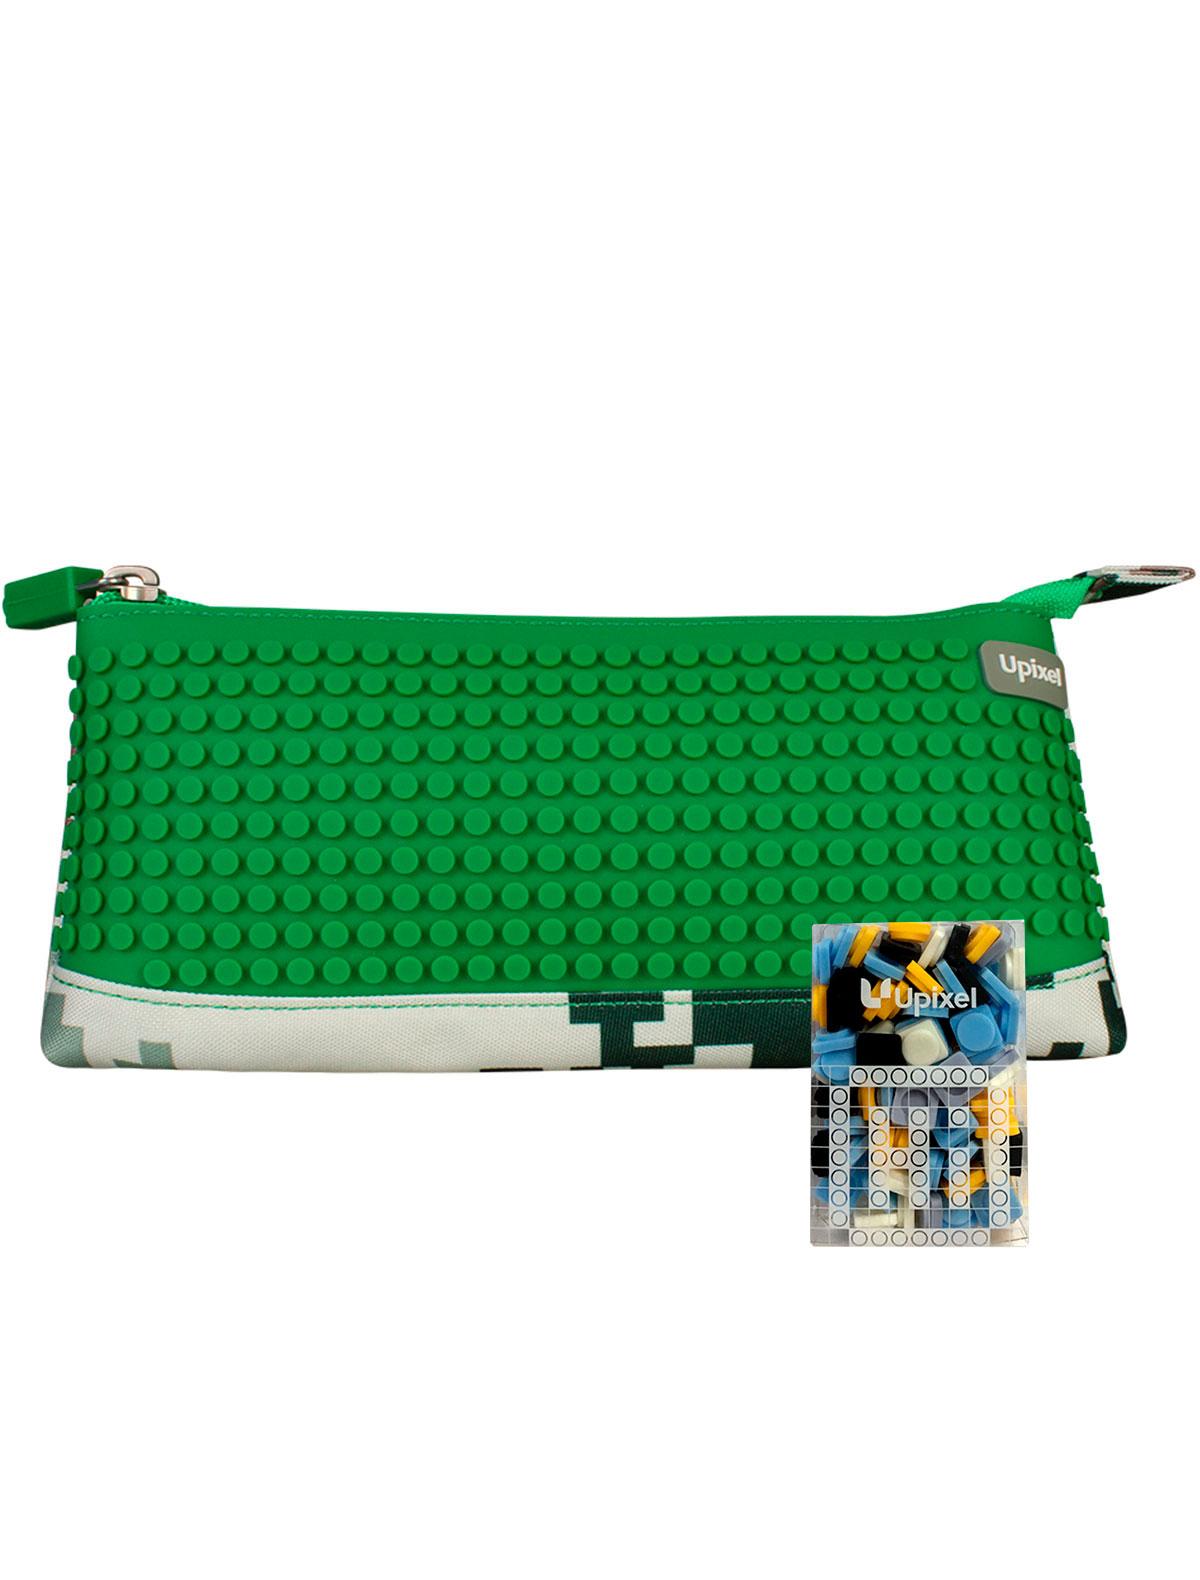 Купить 2220728, Пенал Upixel, зеленый, 1684528080066